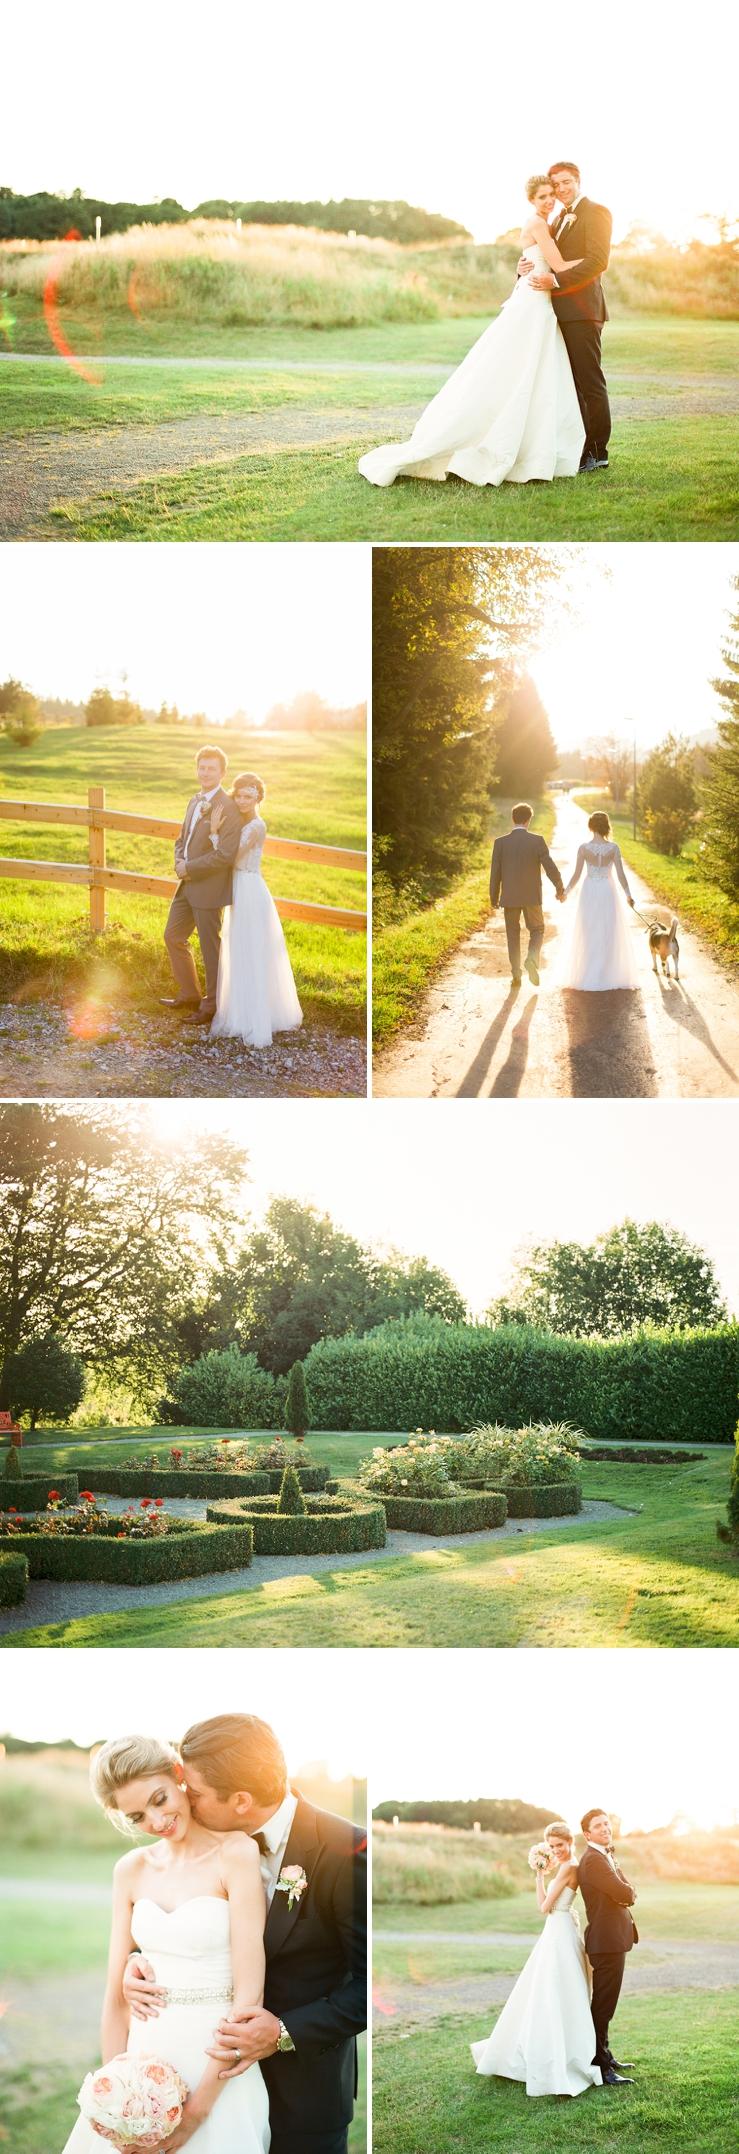 Perfect Day, svadba, slovensko, kde fotit svadobne portrety_0040